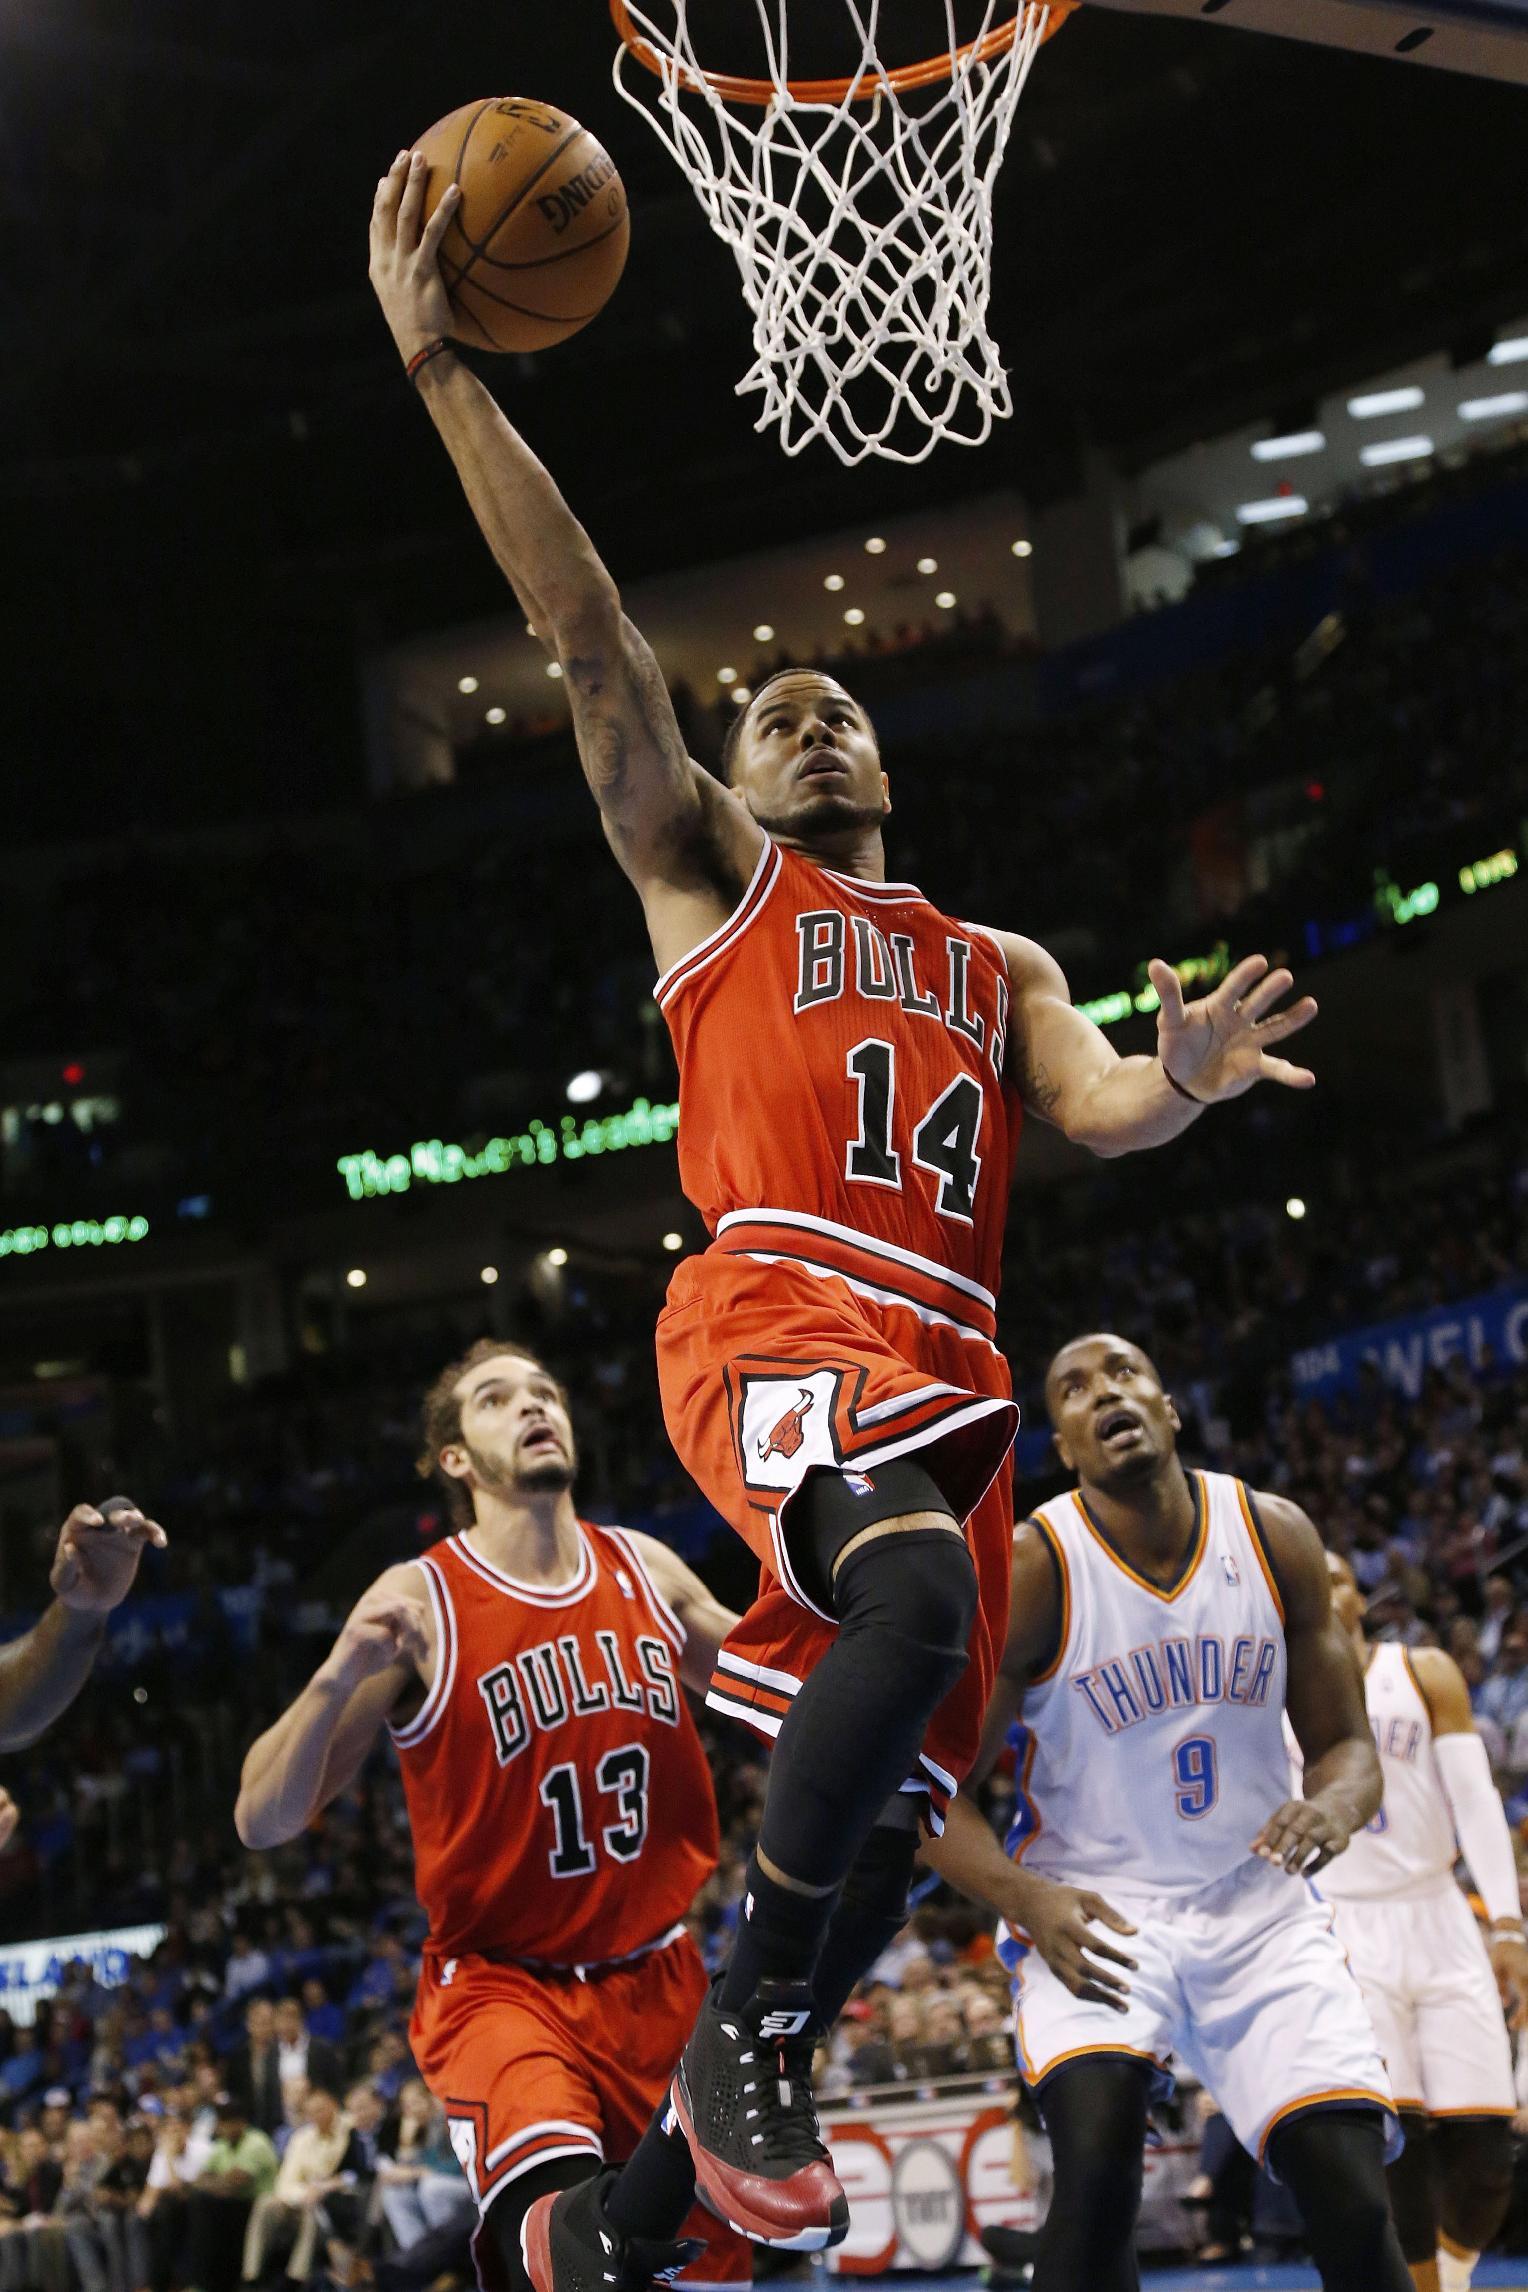 Durant leads streaking Thunder past Bulls 107-95